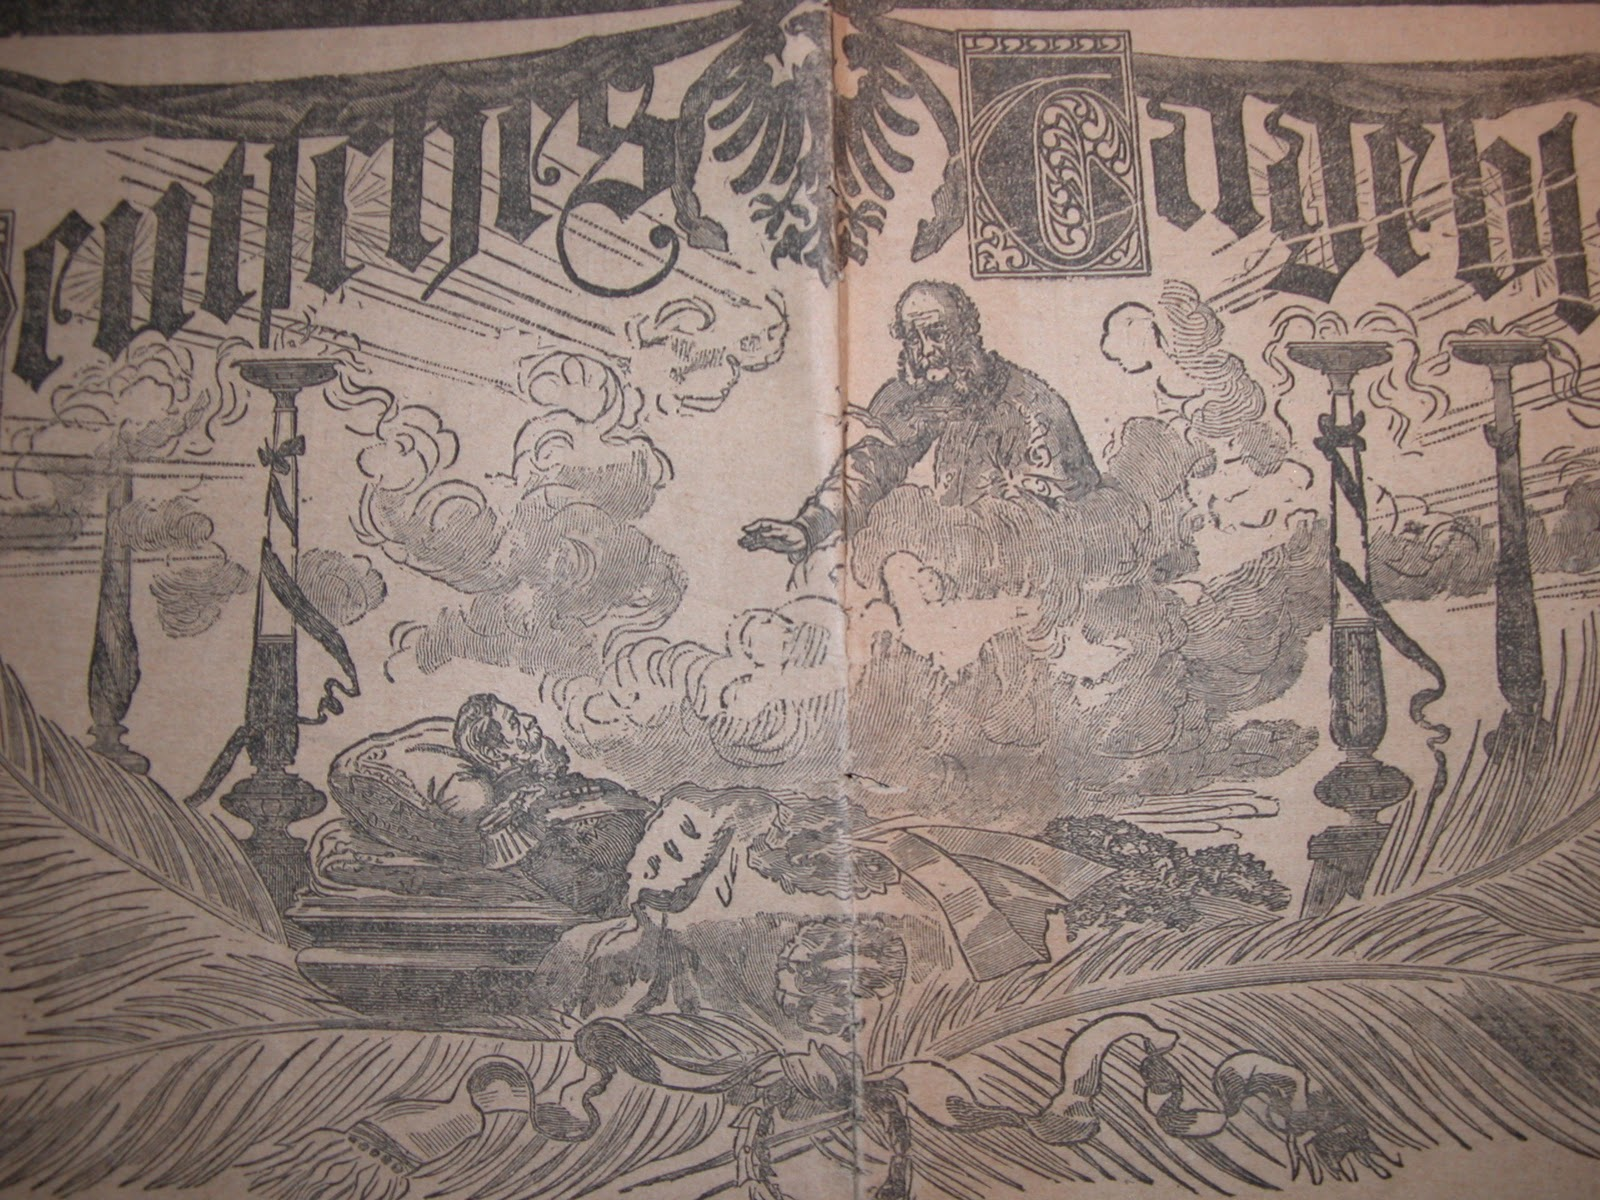 Kaisertod 1888 Deutsches Tageblatt